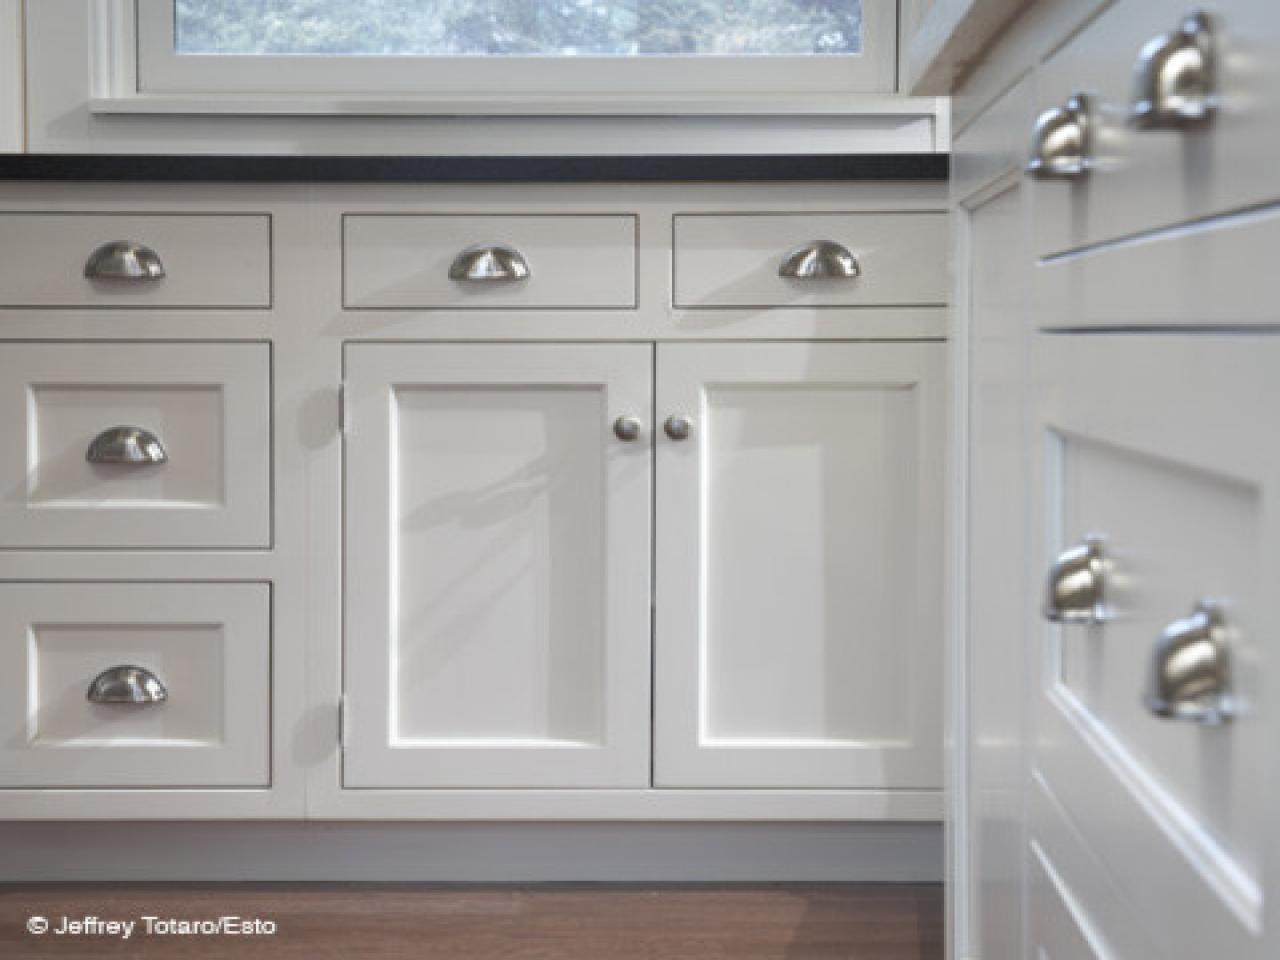 door knobs for kitchen cupboards photo - 16